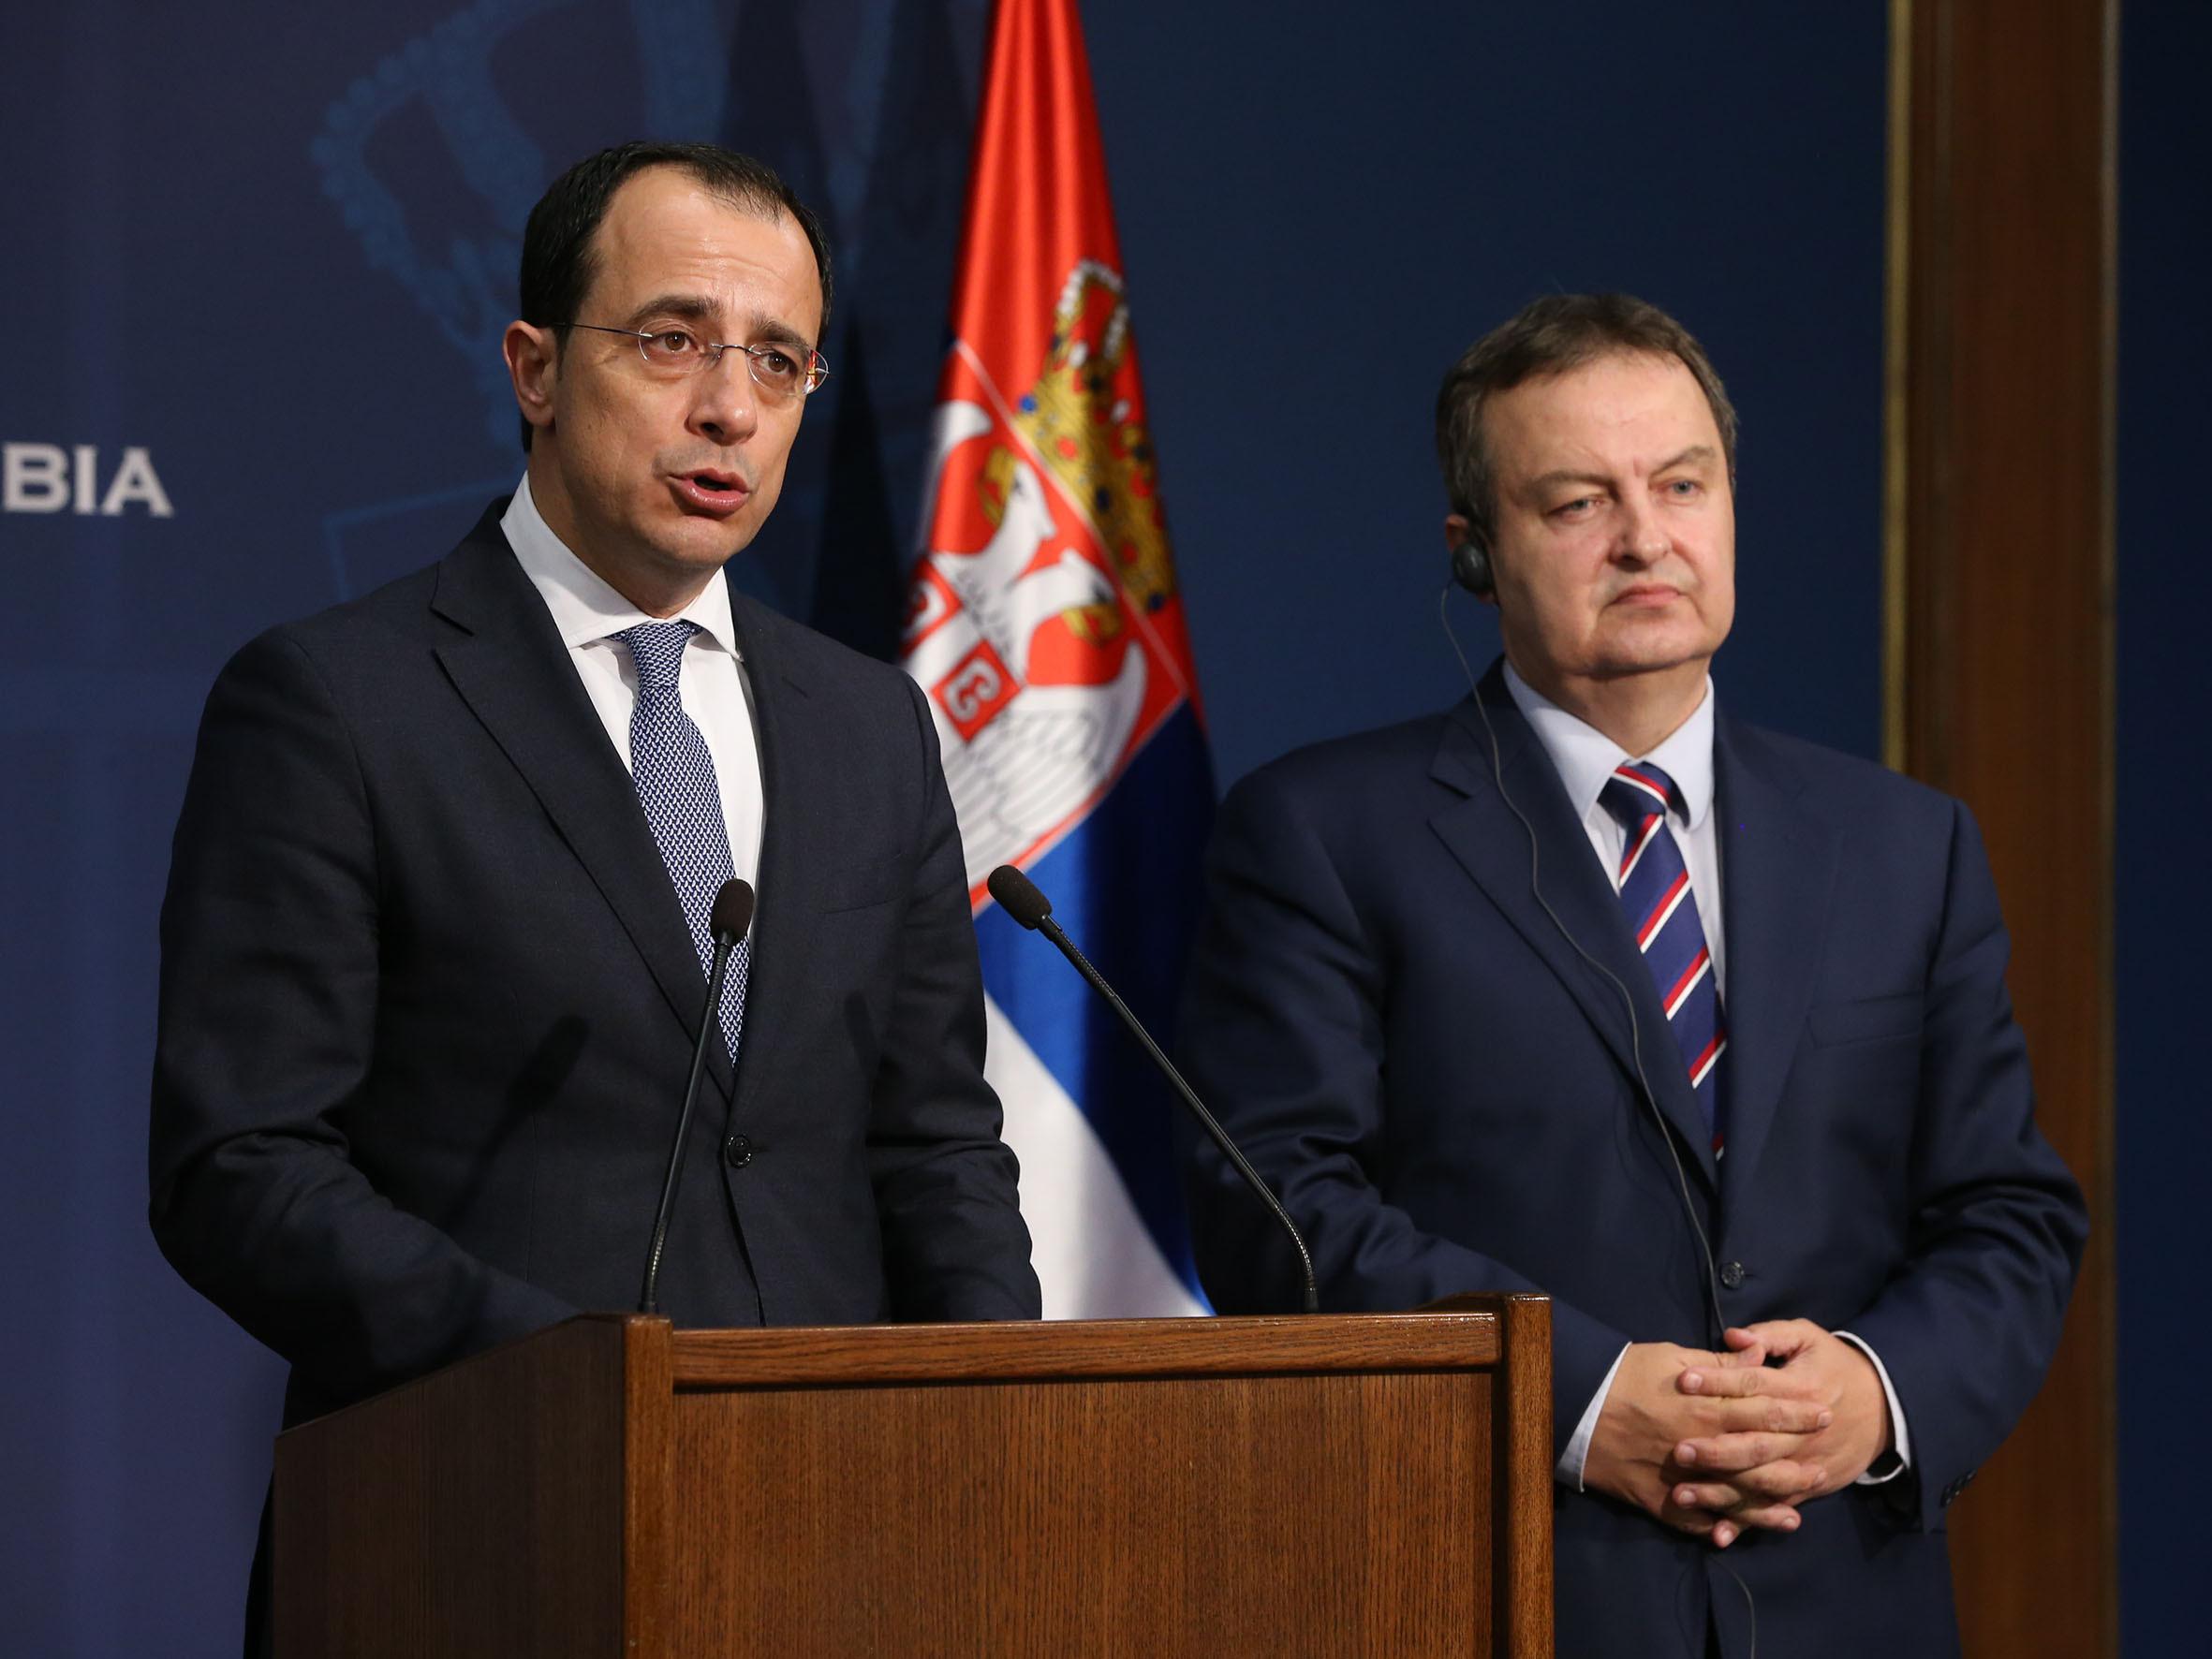 Οι Υπουργοί Εξωτερικών Κύπρου – Σερβίας συναντήθηκαν στο Βελιγράδι